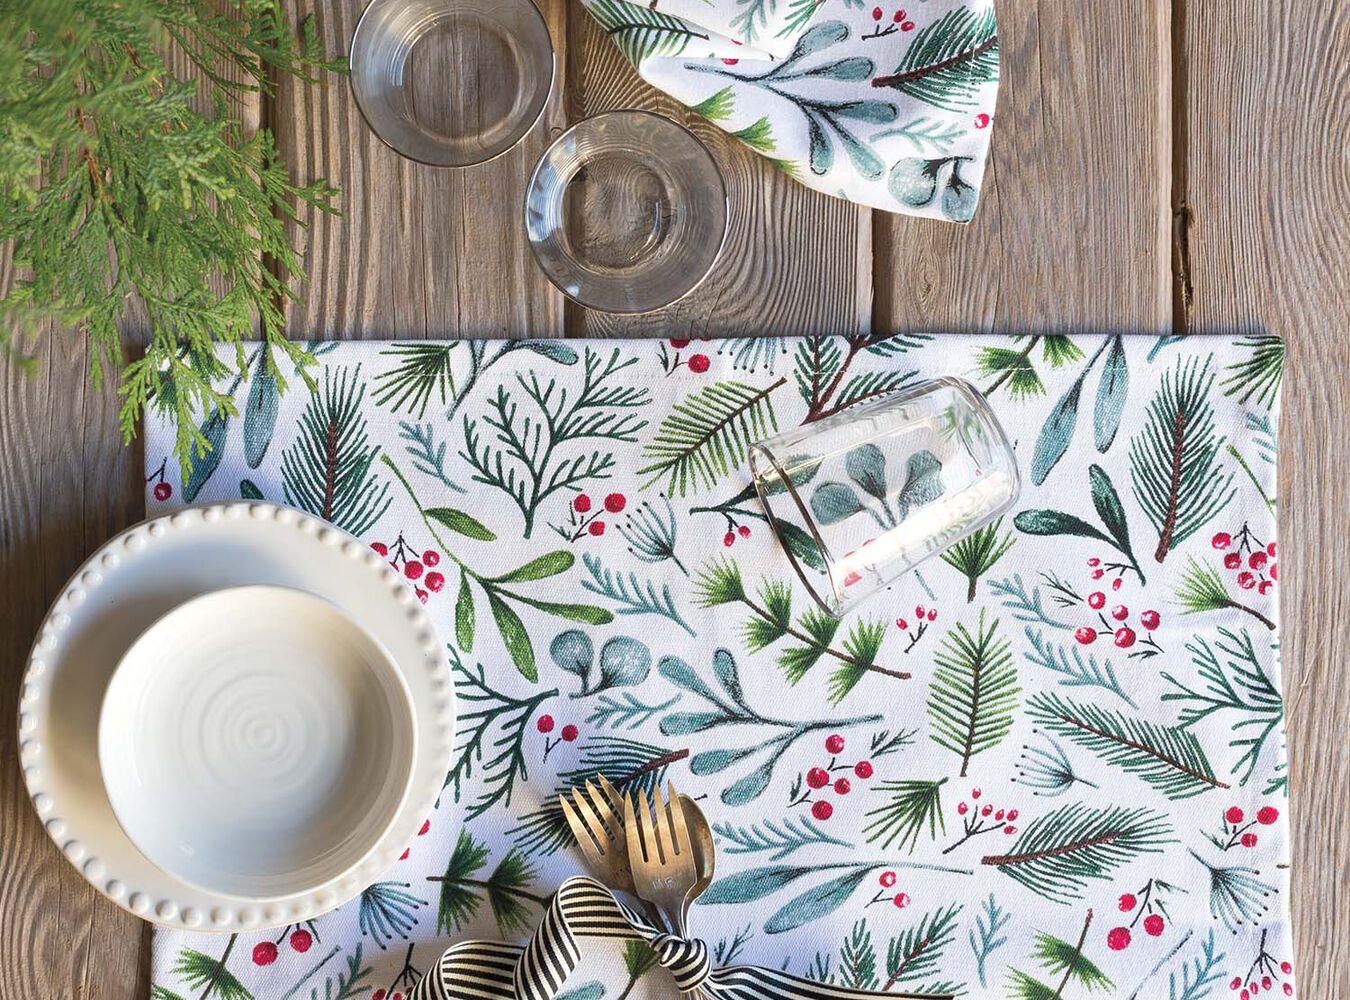 Bough & Berry Napkins, Set of 4 | Sur La Table